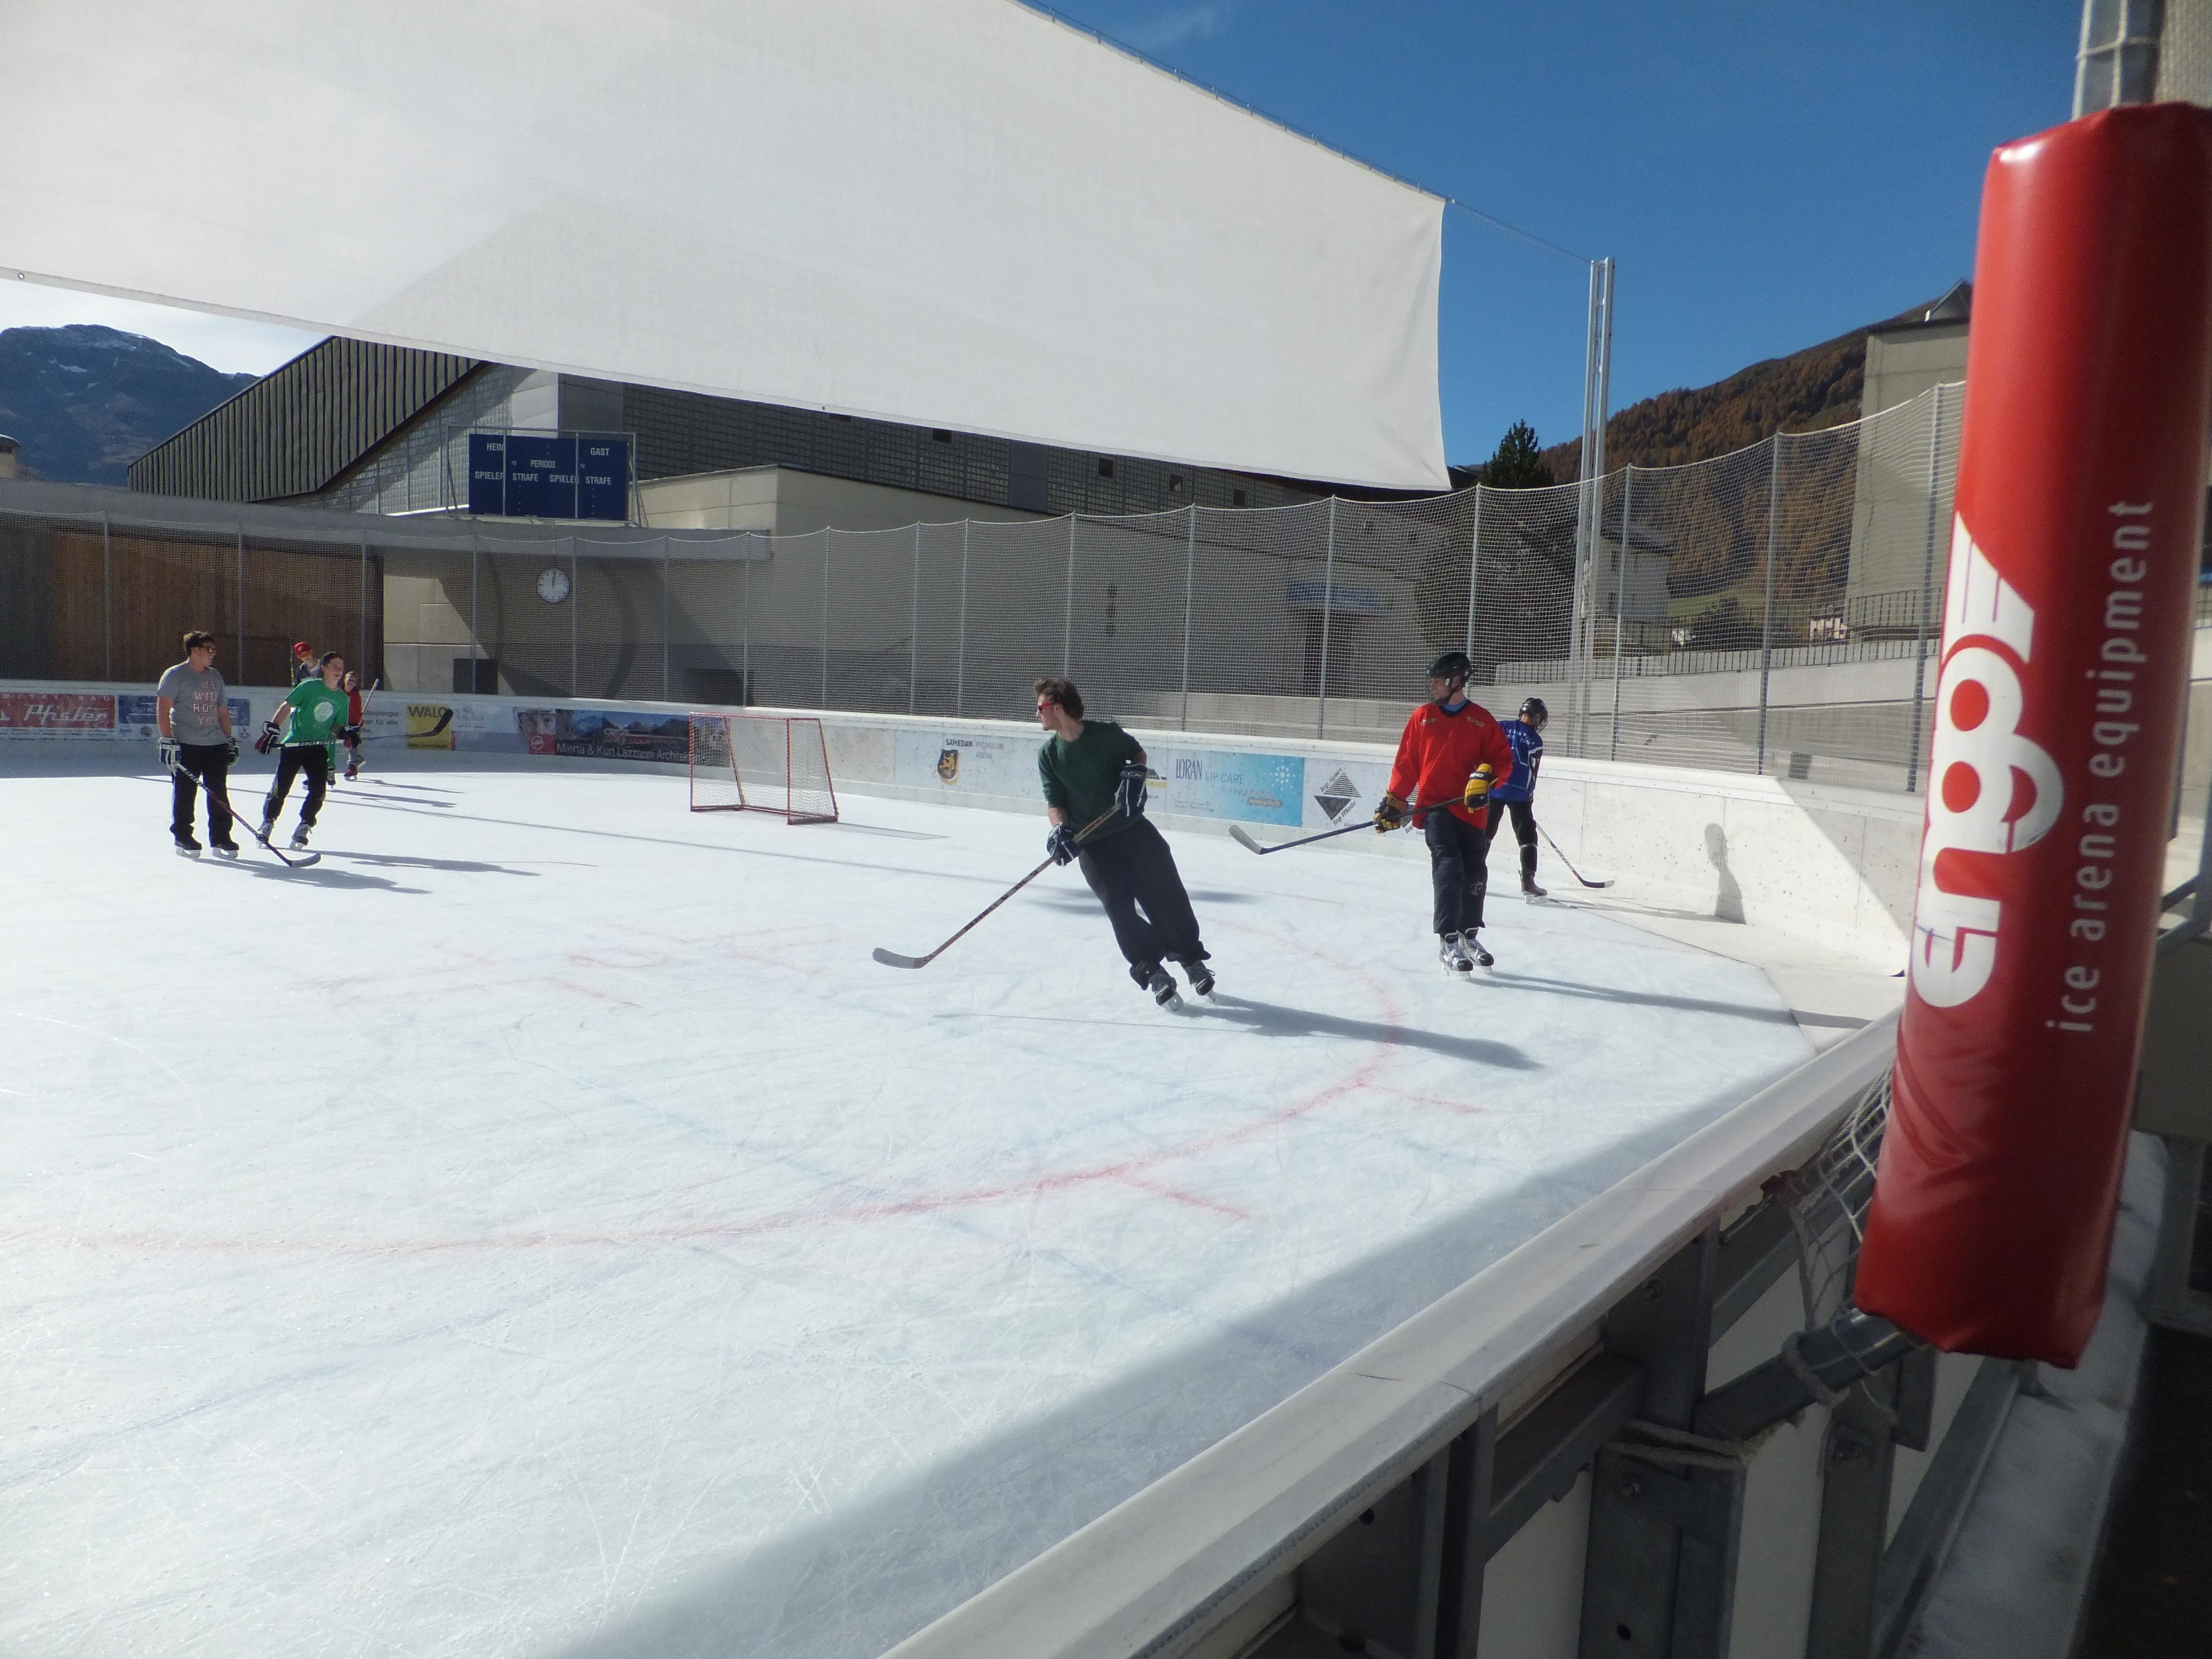 Eiszeit Promulins Arena, Samedan Slide 3